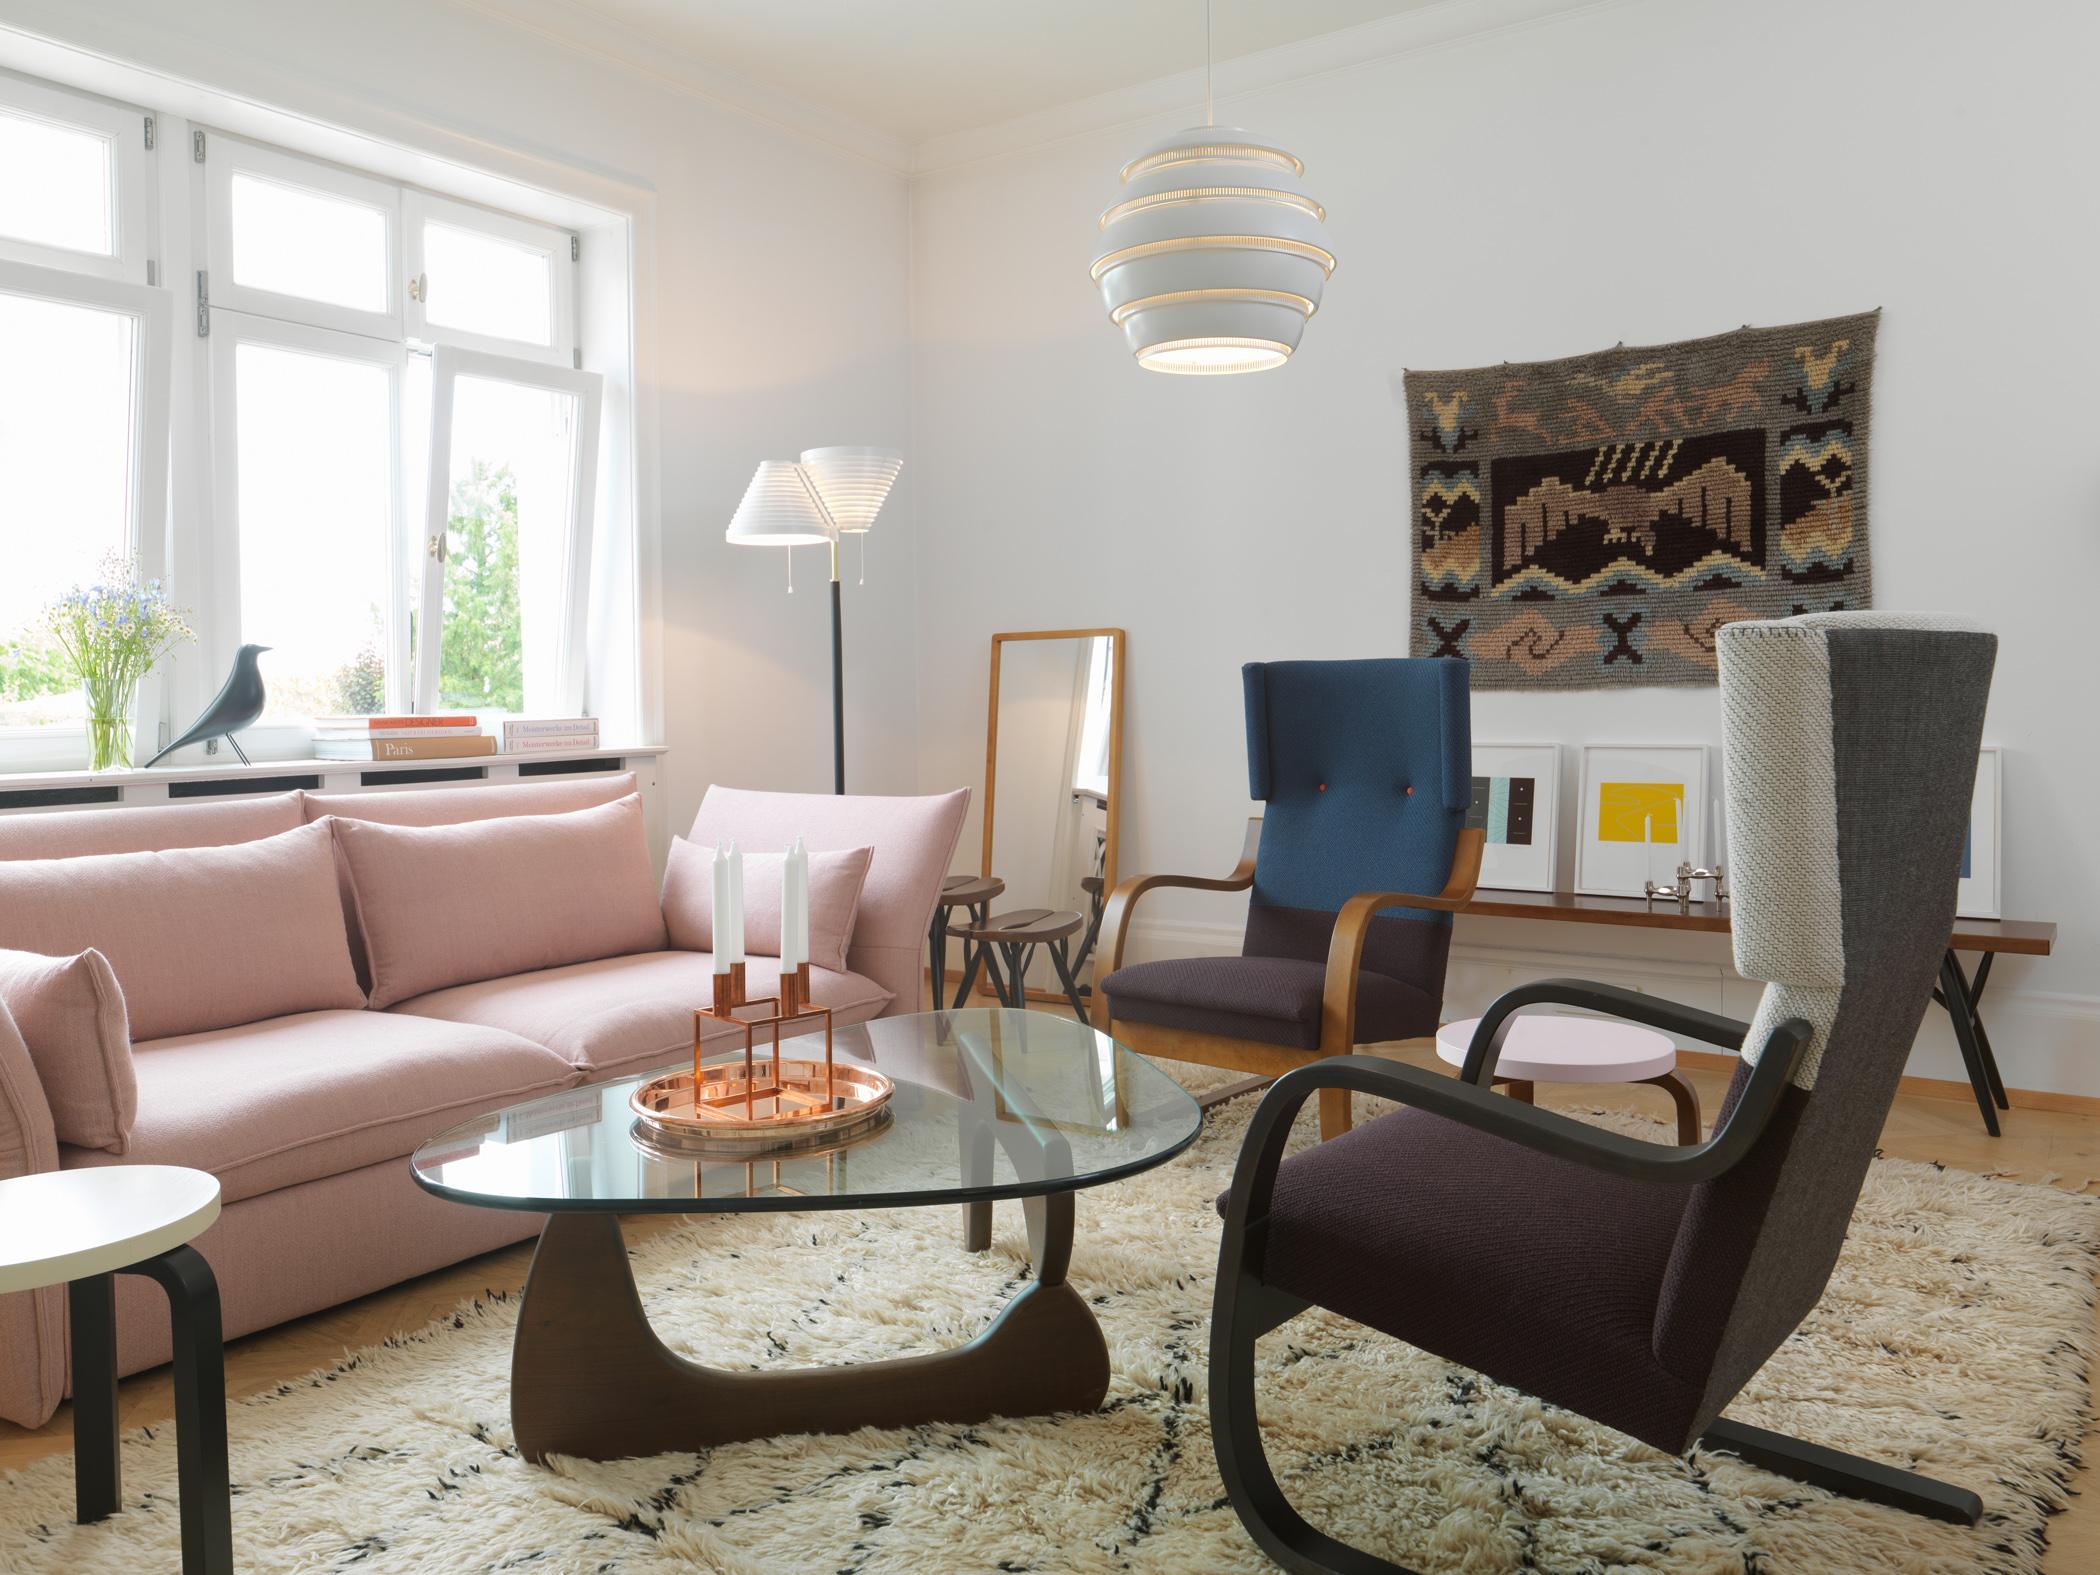 Sitzecke Aus Designermbeln Couchtisch Hocker Teppich Wohnzimmer Sessel Sofa